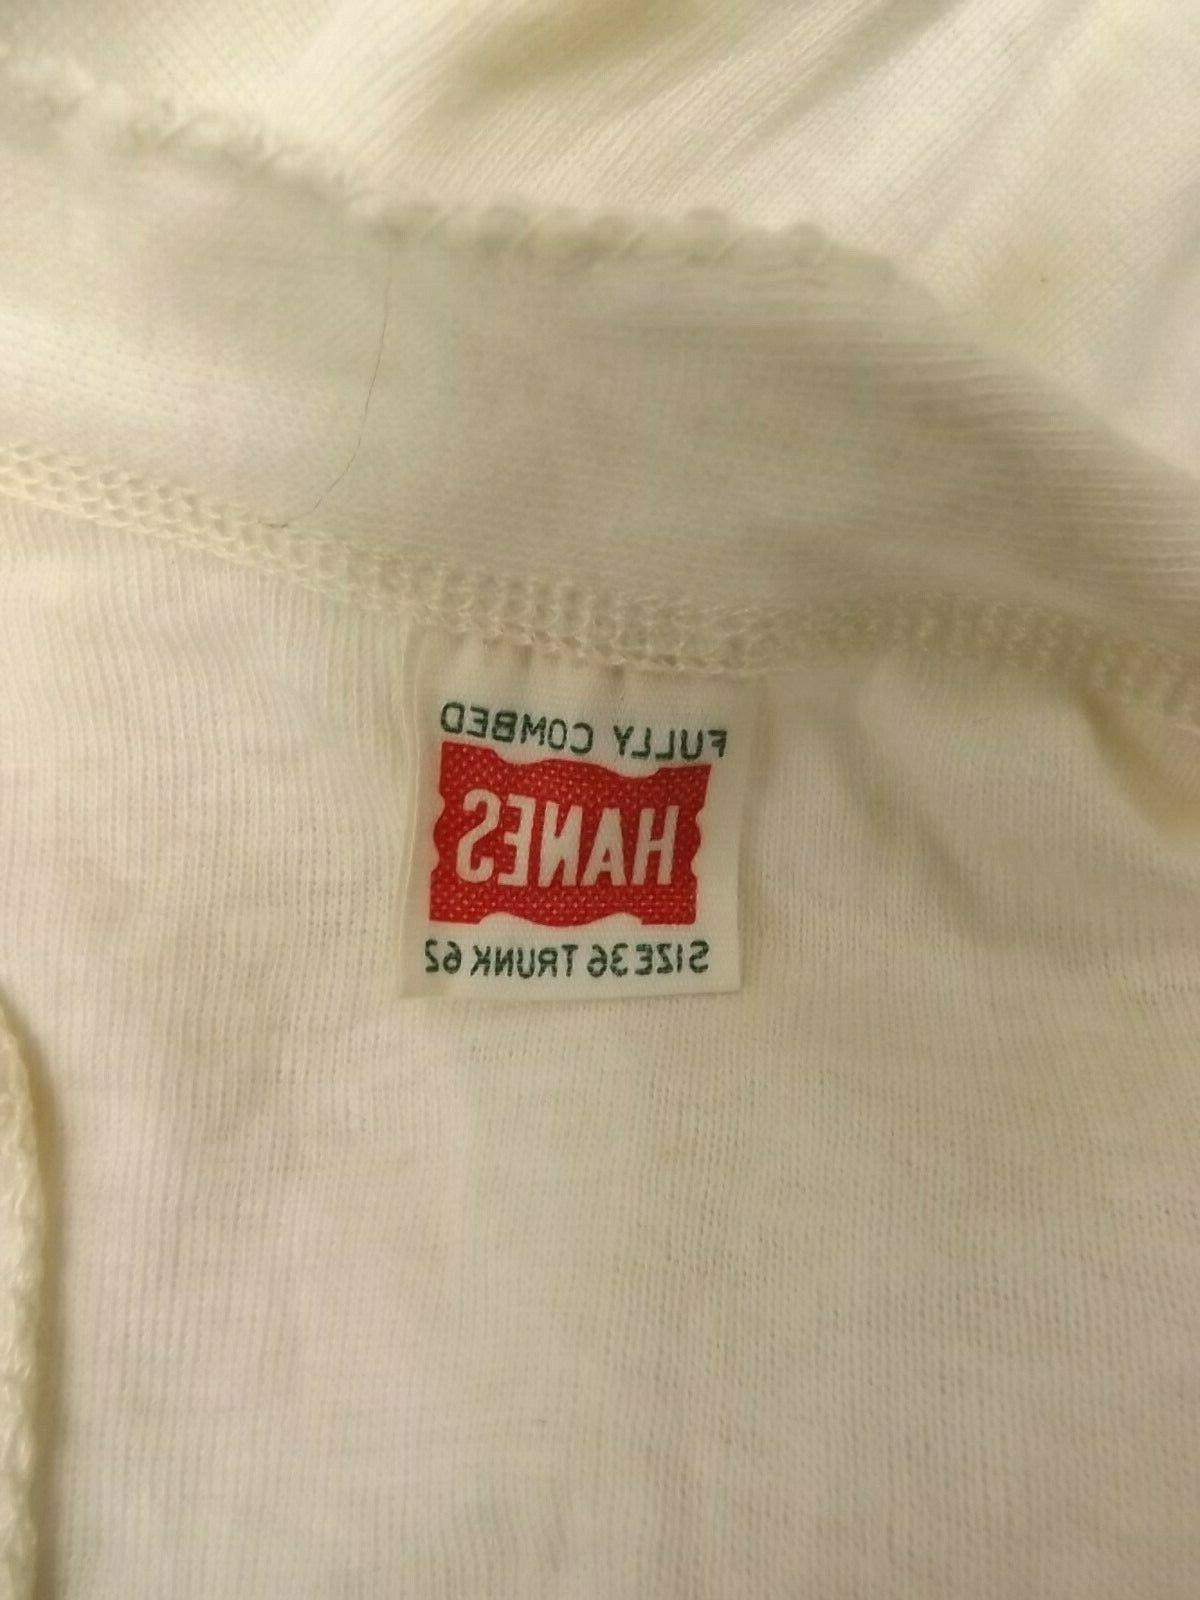 Hanes Vtg 1950s White Sleeve 36-62 Underwear